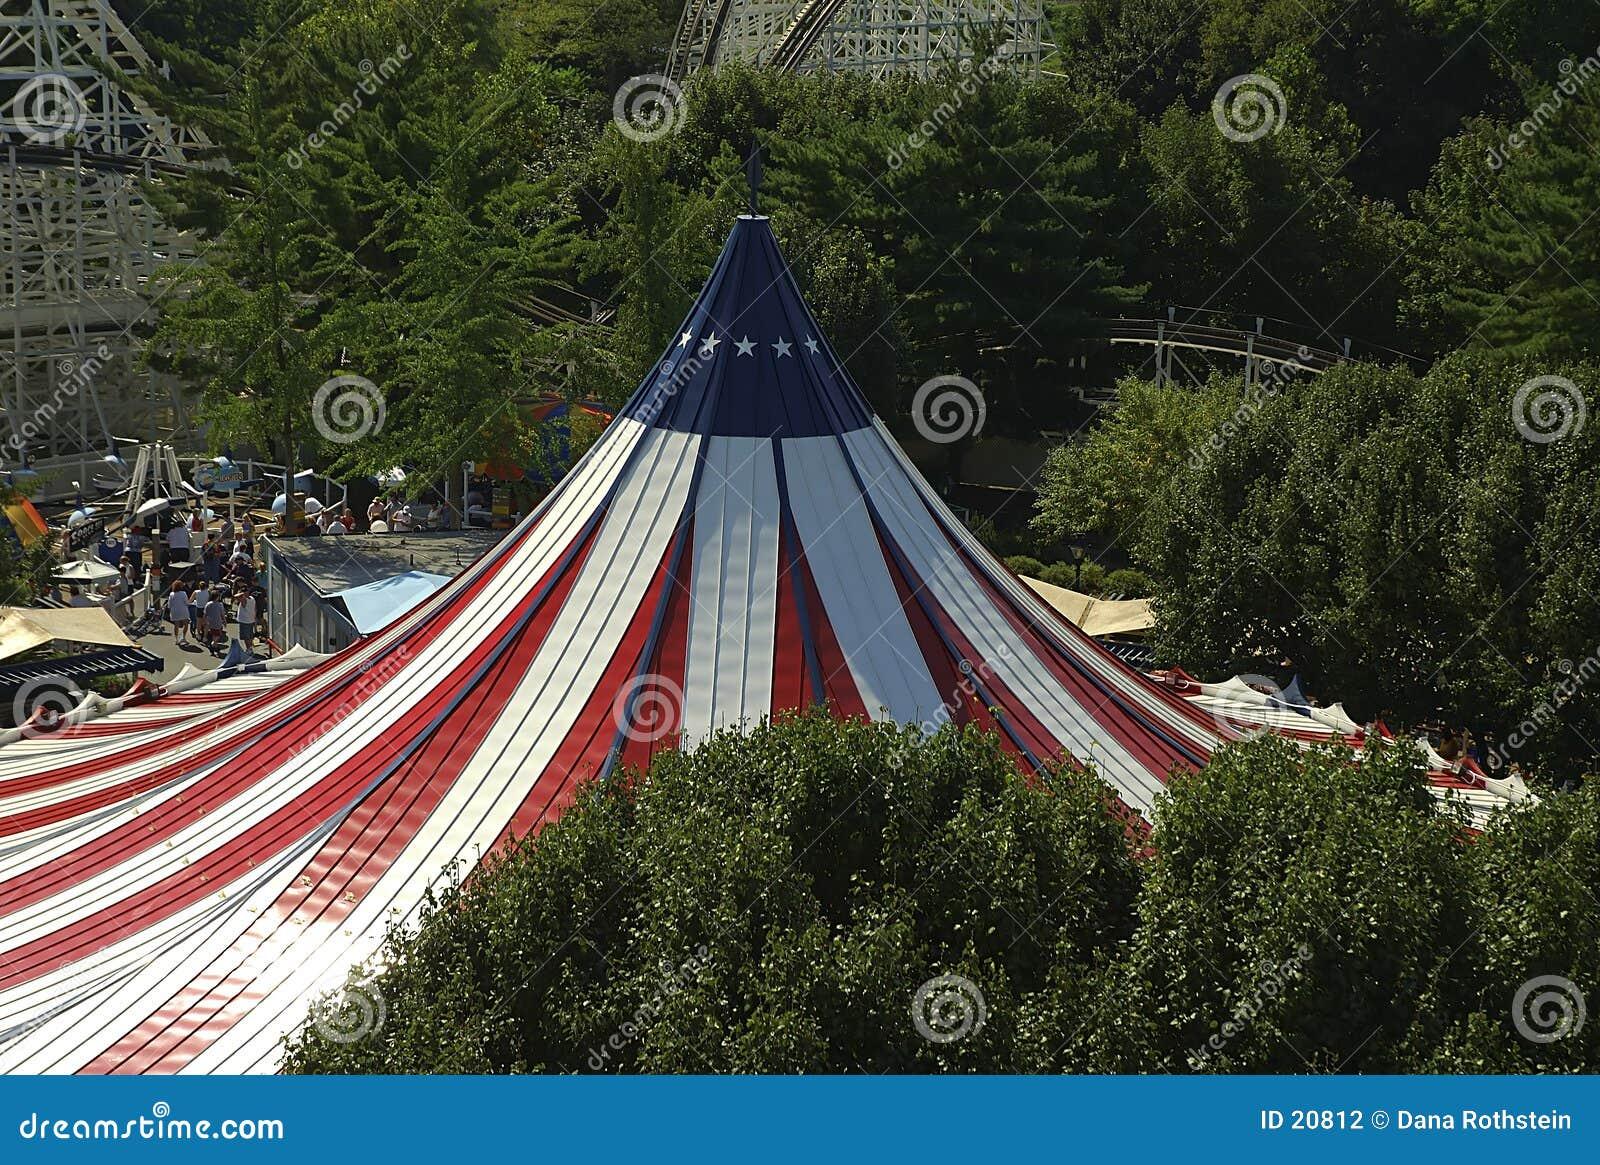 Das große Zelt